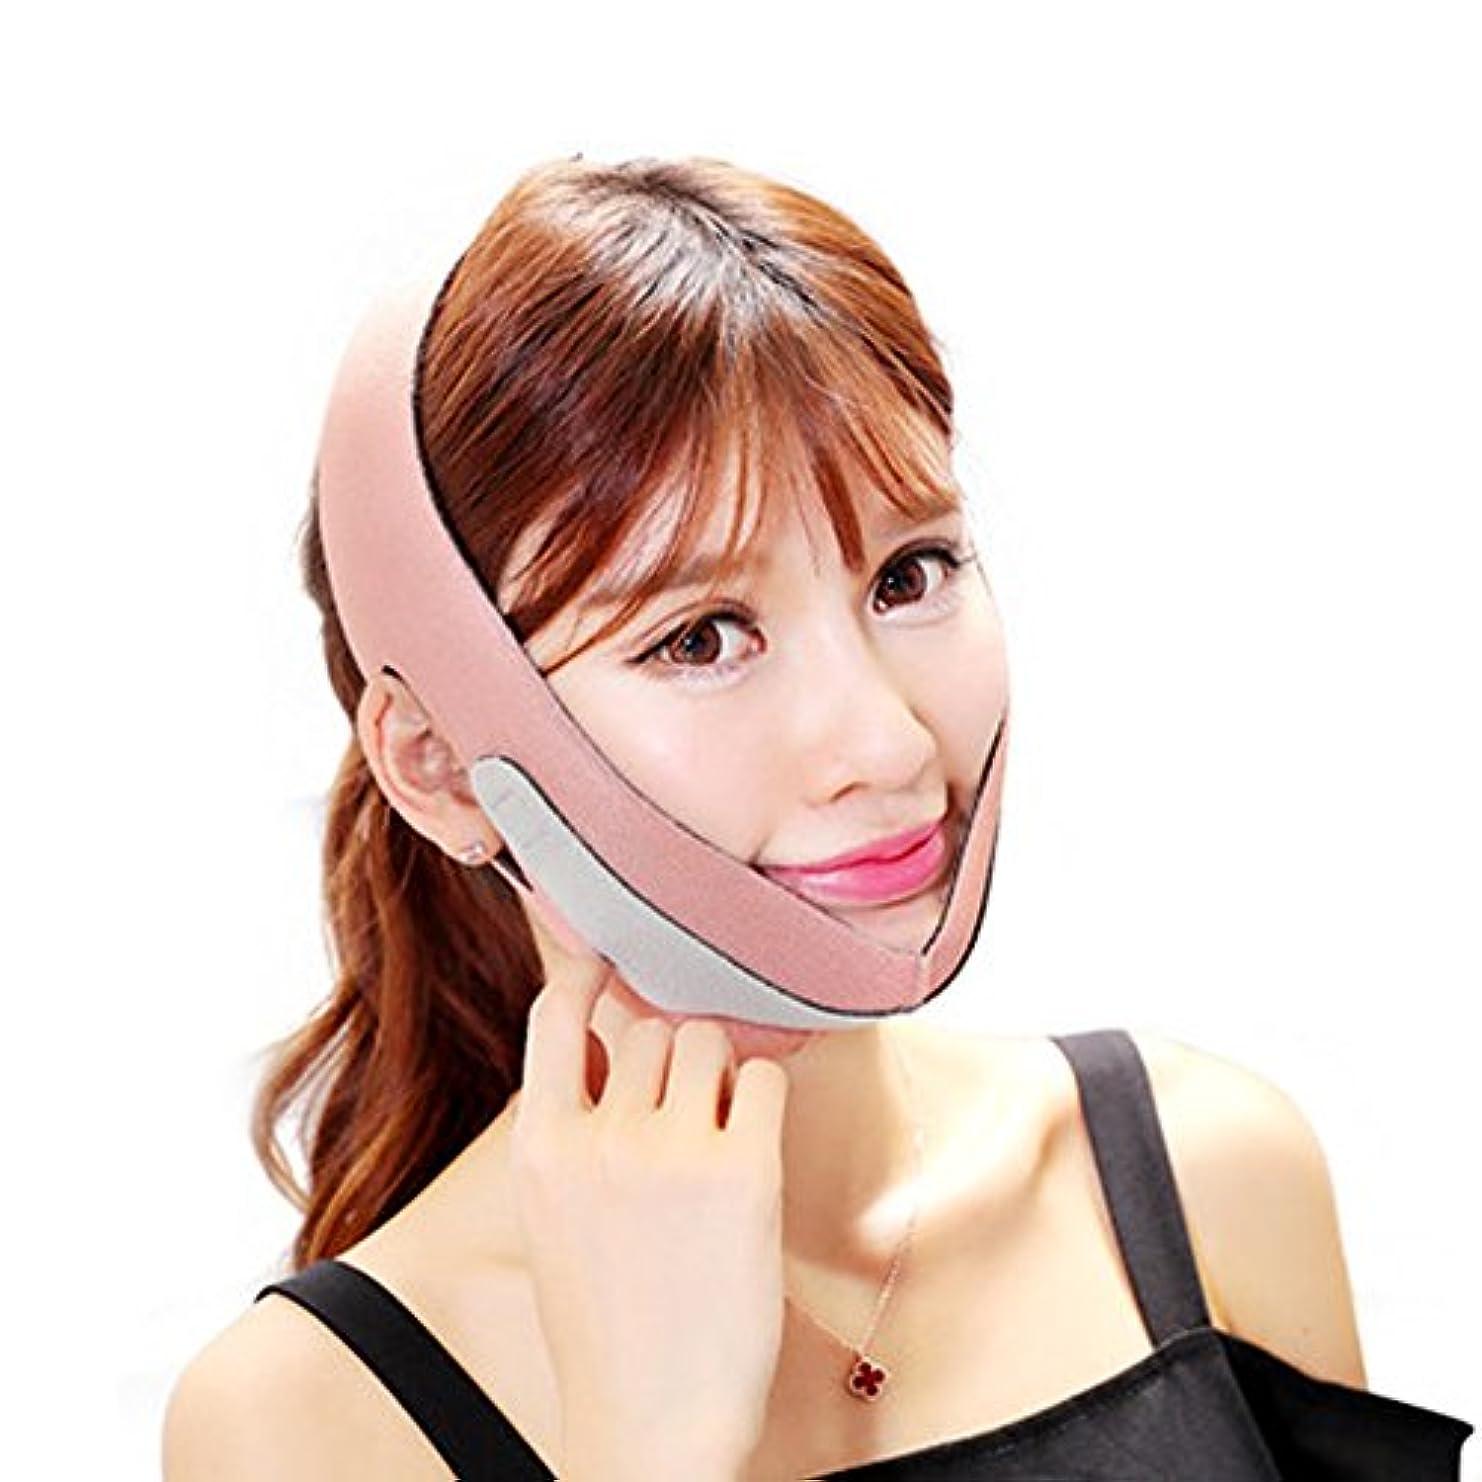 切断する失速悪いLittleliving 小顔 矯正 美顔 顔痩せ グッズ フェイス マスク ベルト コルセット メンズ サポーター